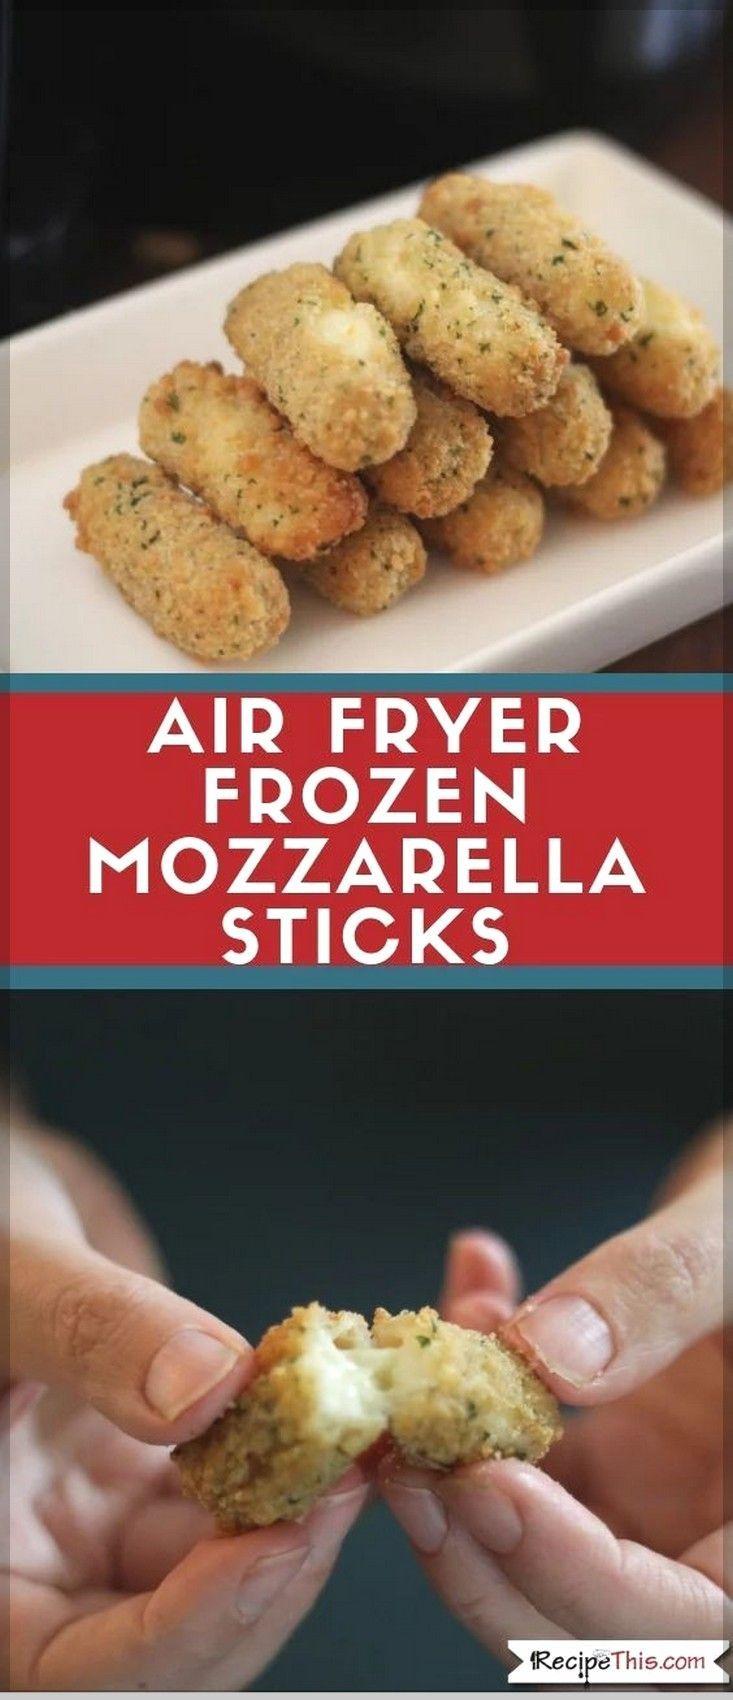 Air fryer frozen mozzarella sticks recipe air fryer